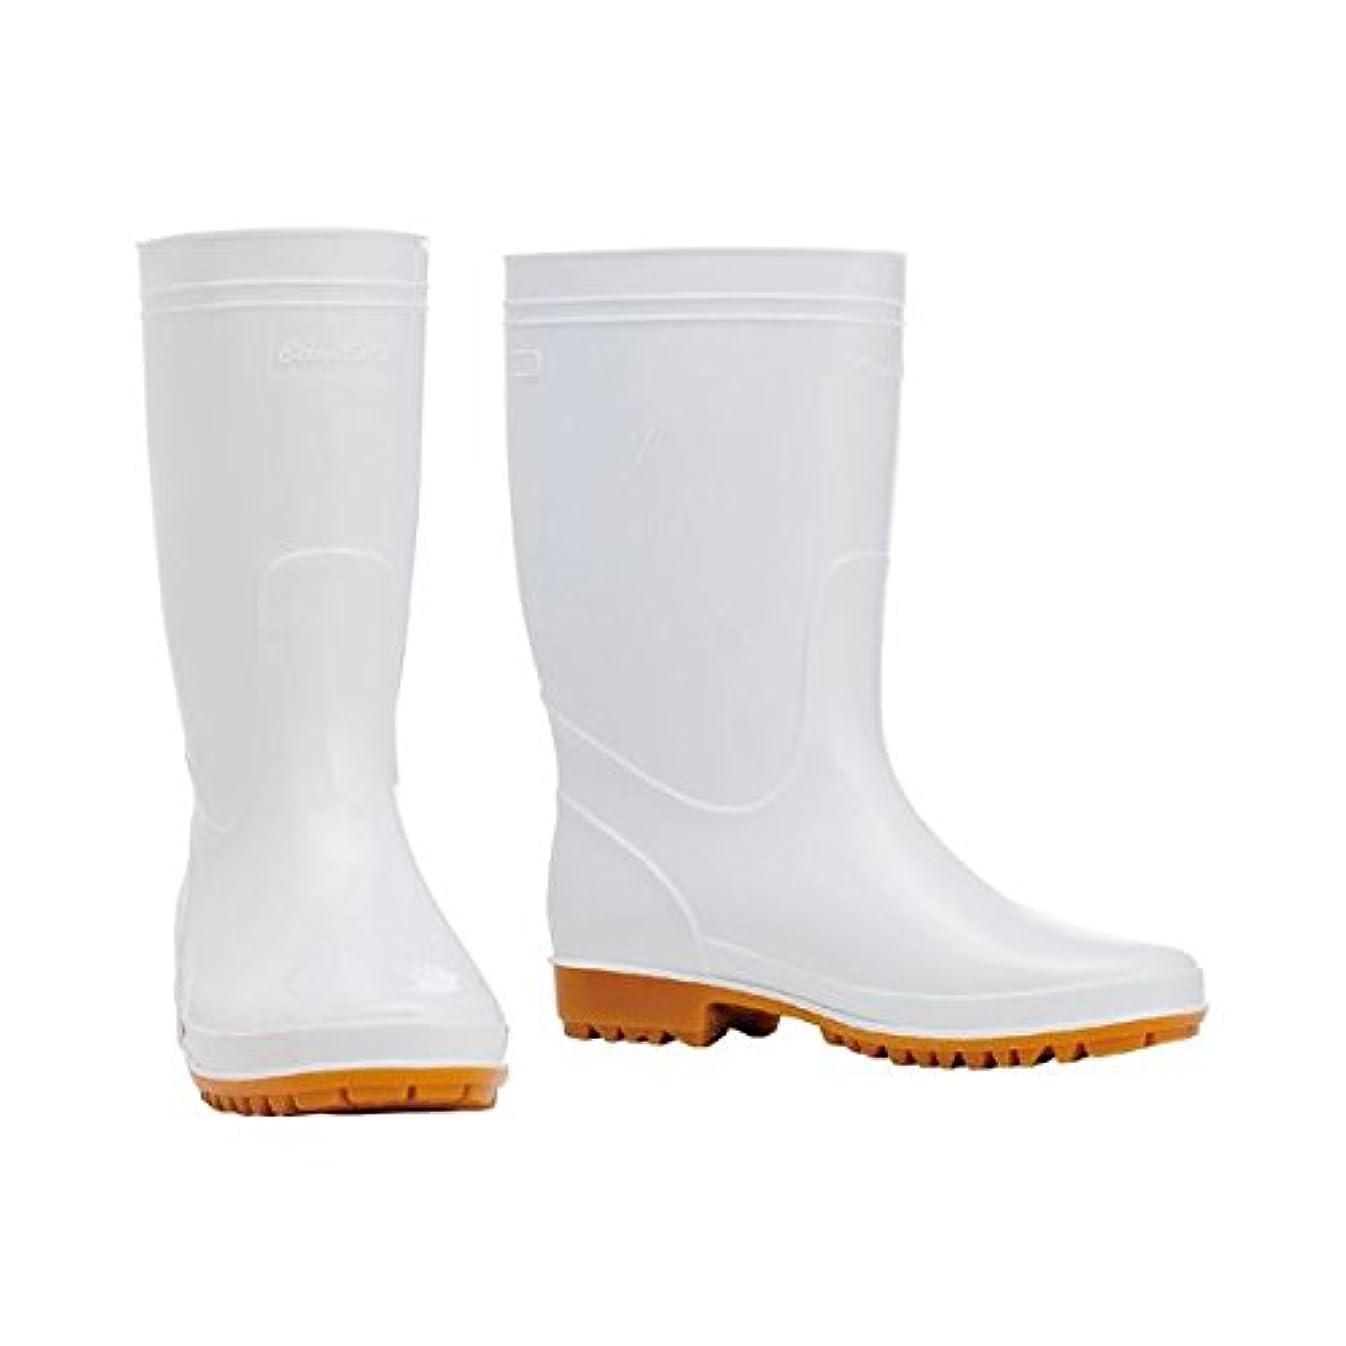 くるくる醜い雪だるま(まとめ) 川西工業 耐油衛生長靴 ホワイト 26.5cm 8300ホワイト26.5 1足 【×3セット】 ds-1572679